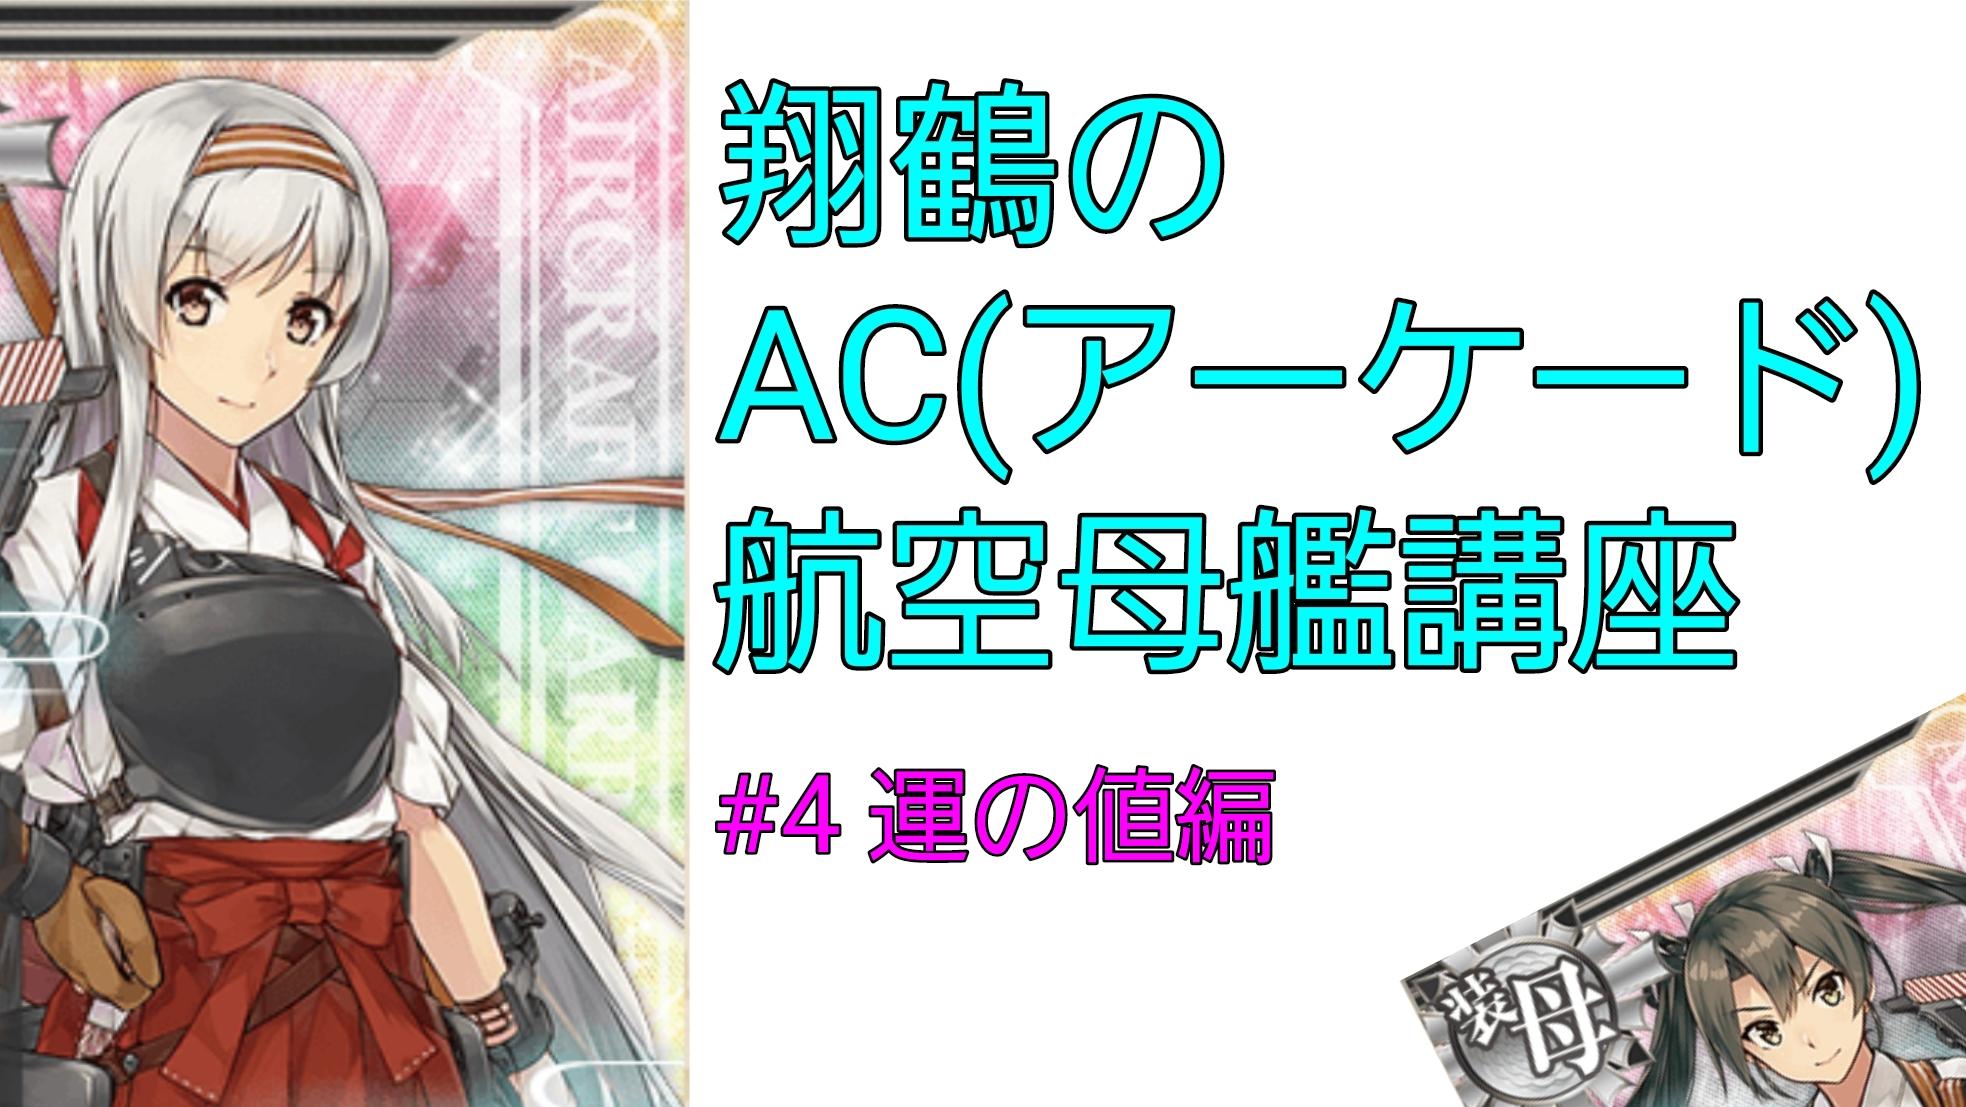 #4 翔鶴のAC(アーケード)航空母艦講座 運の値編